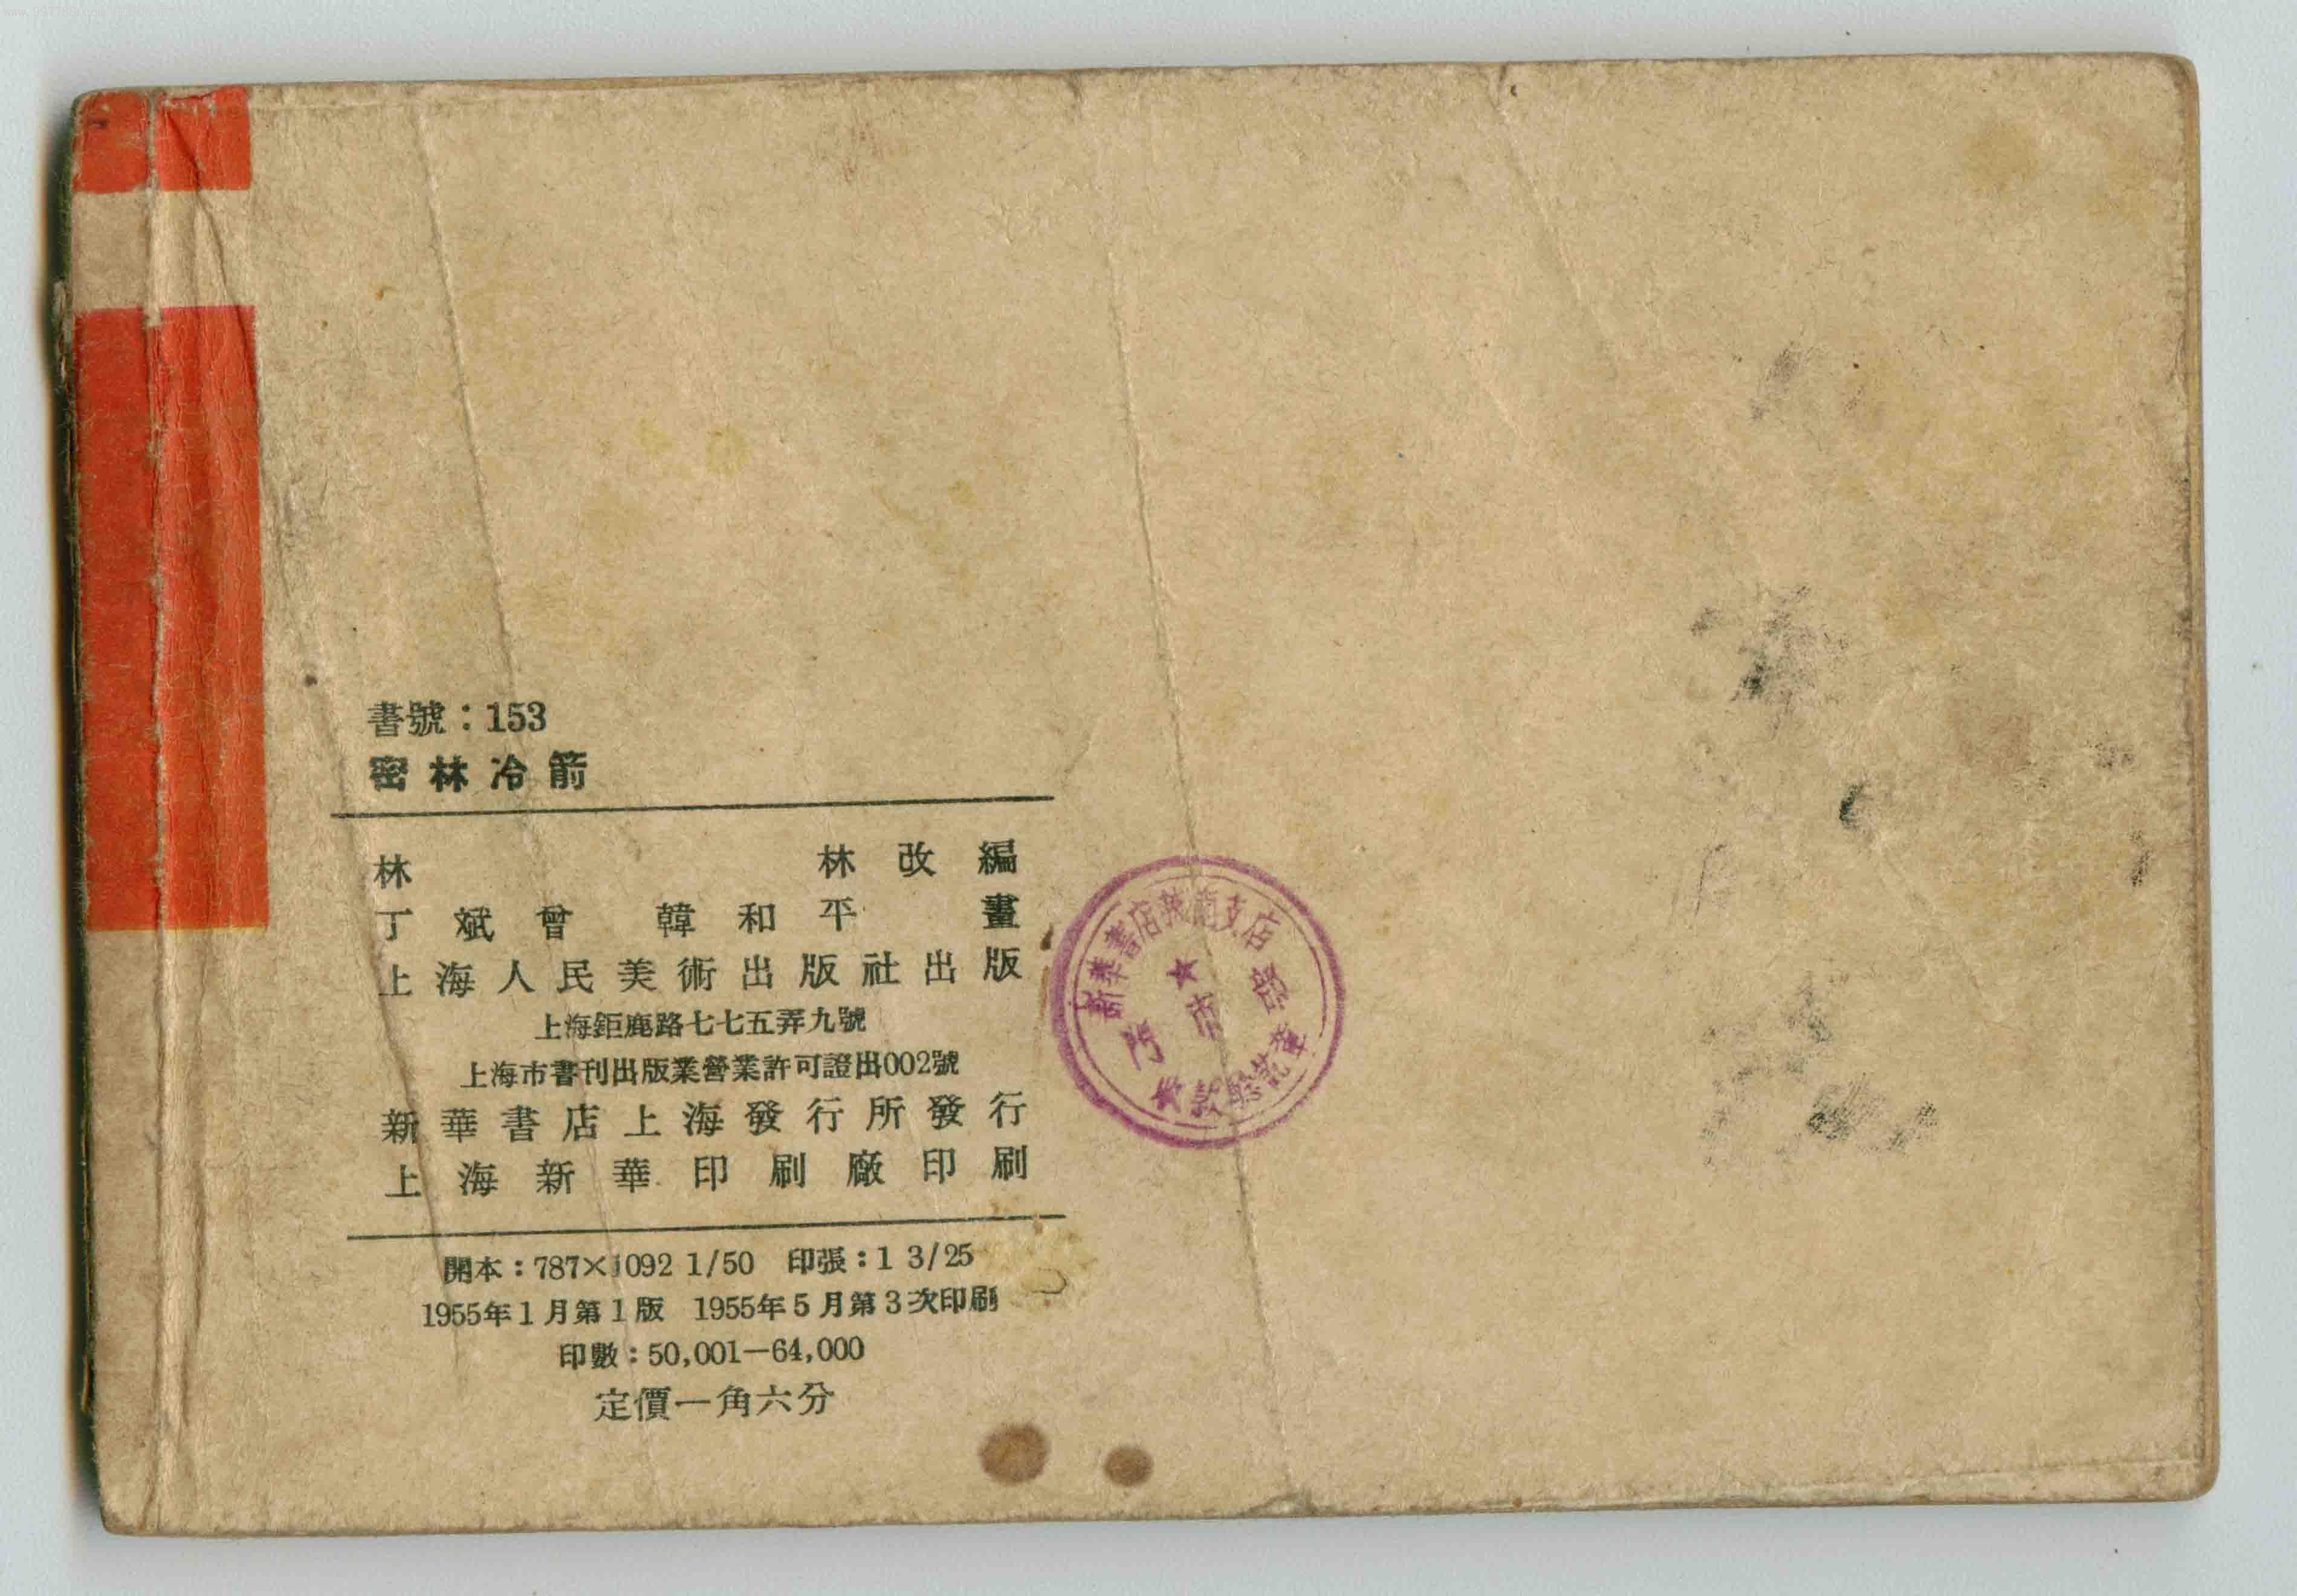 密林冷箭【55年版老版书拍卖中】